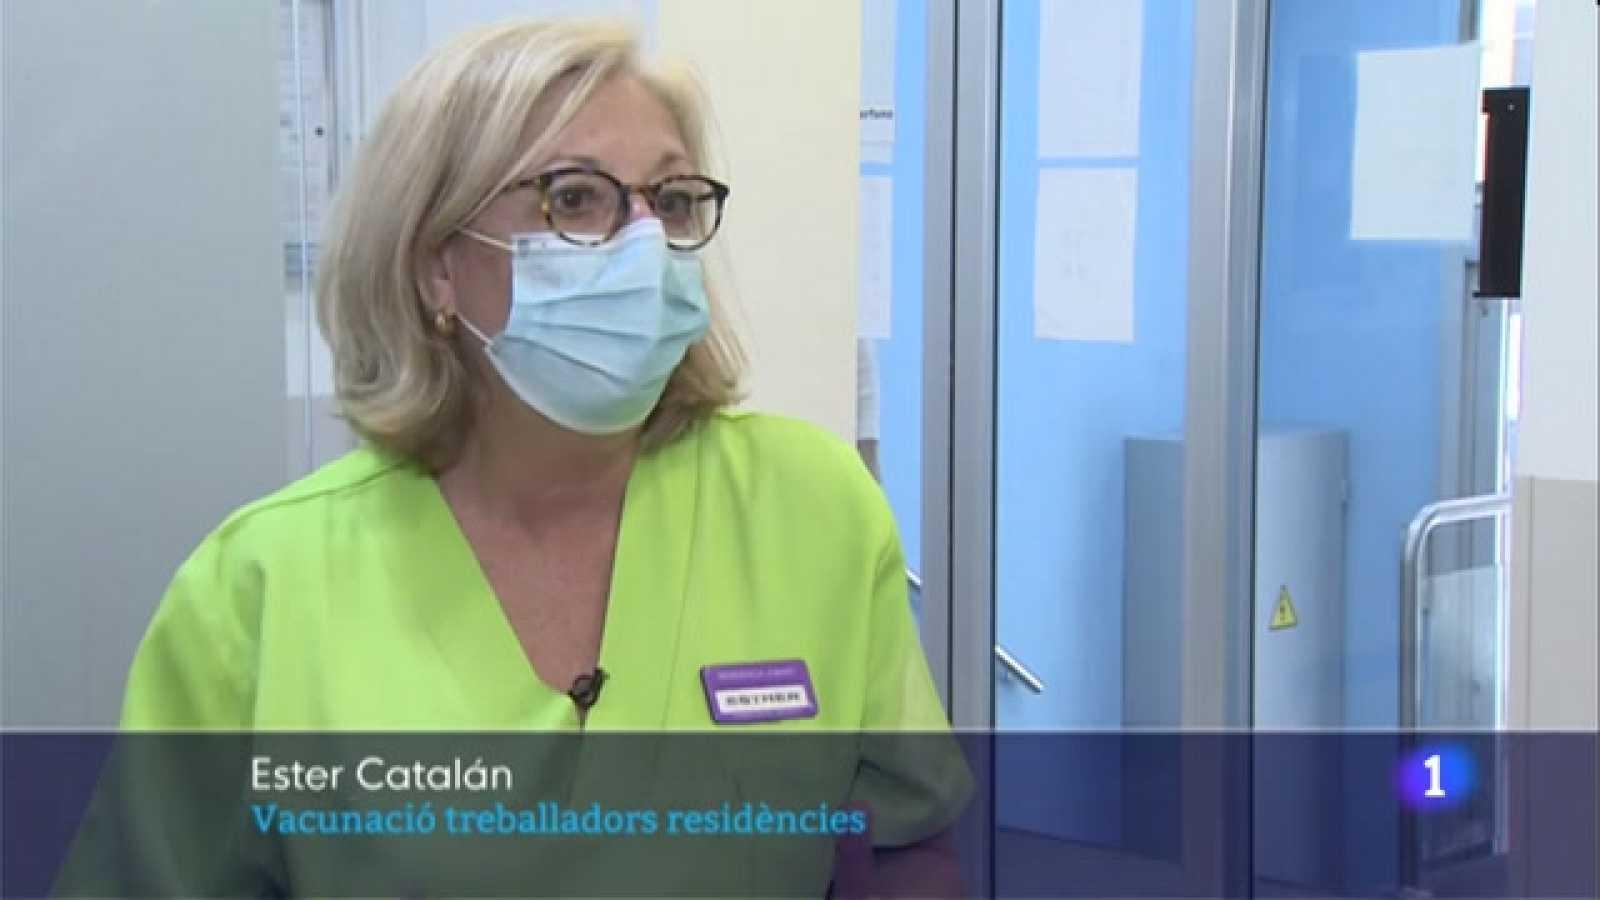 ACRA reclama que la vacunació sigui obligatòria per treballar en residències